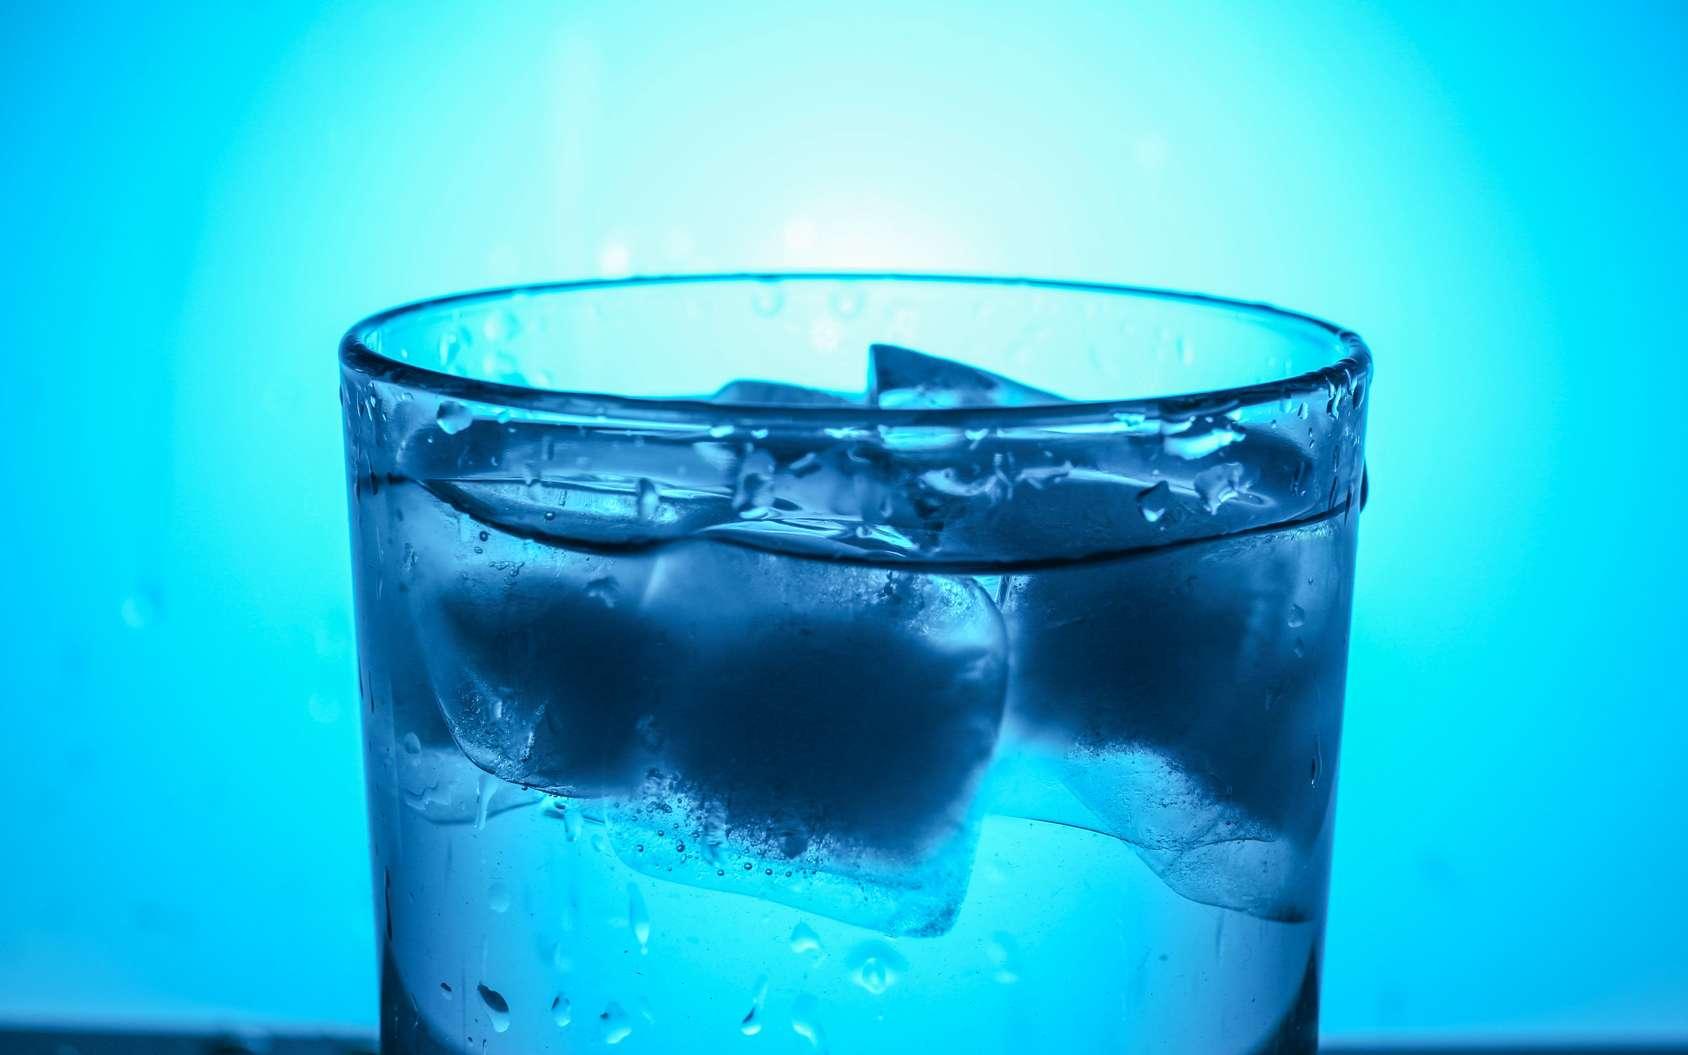 Plus légers que l'eau liquide, les glaçons flottent à la surface. © Pavlofox, Fotolia